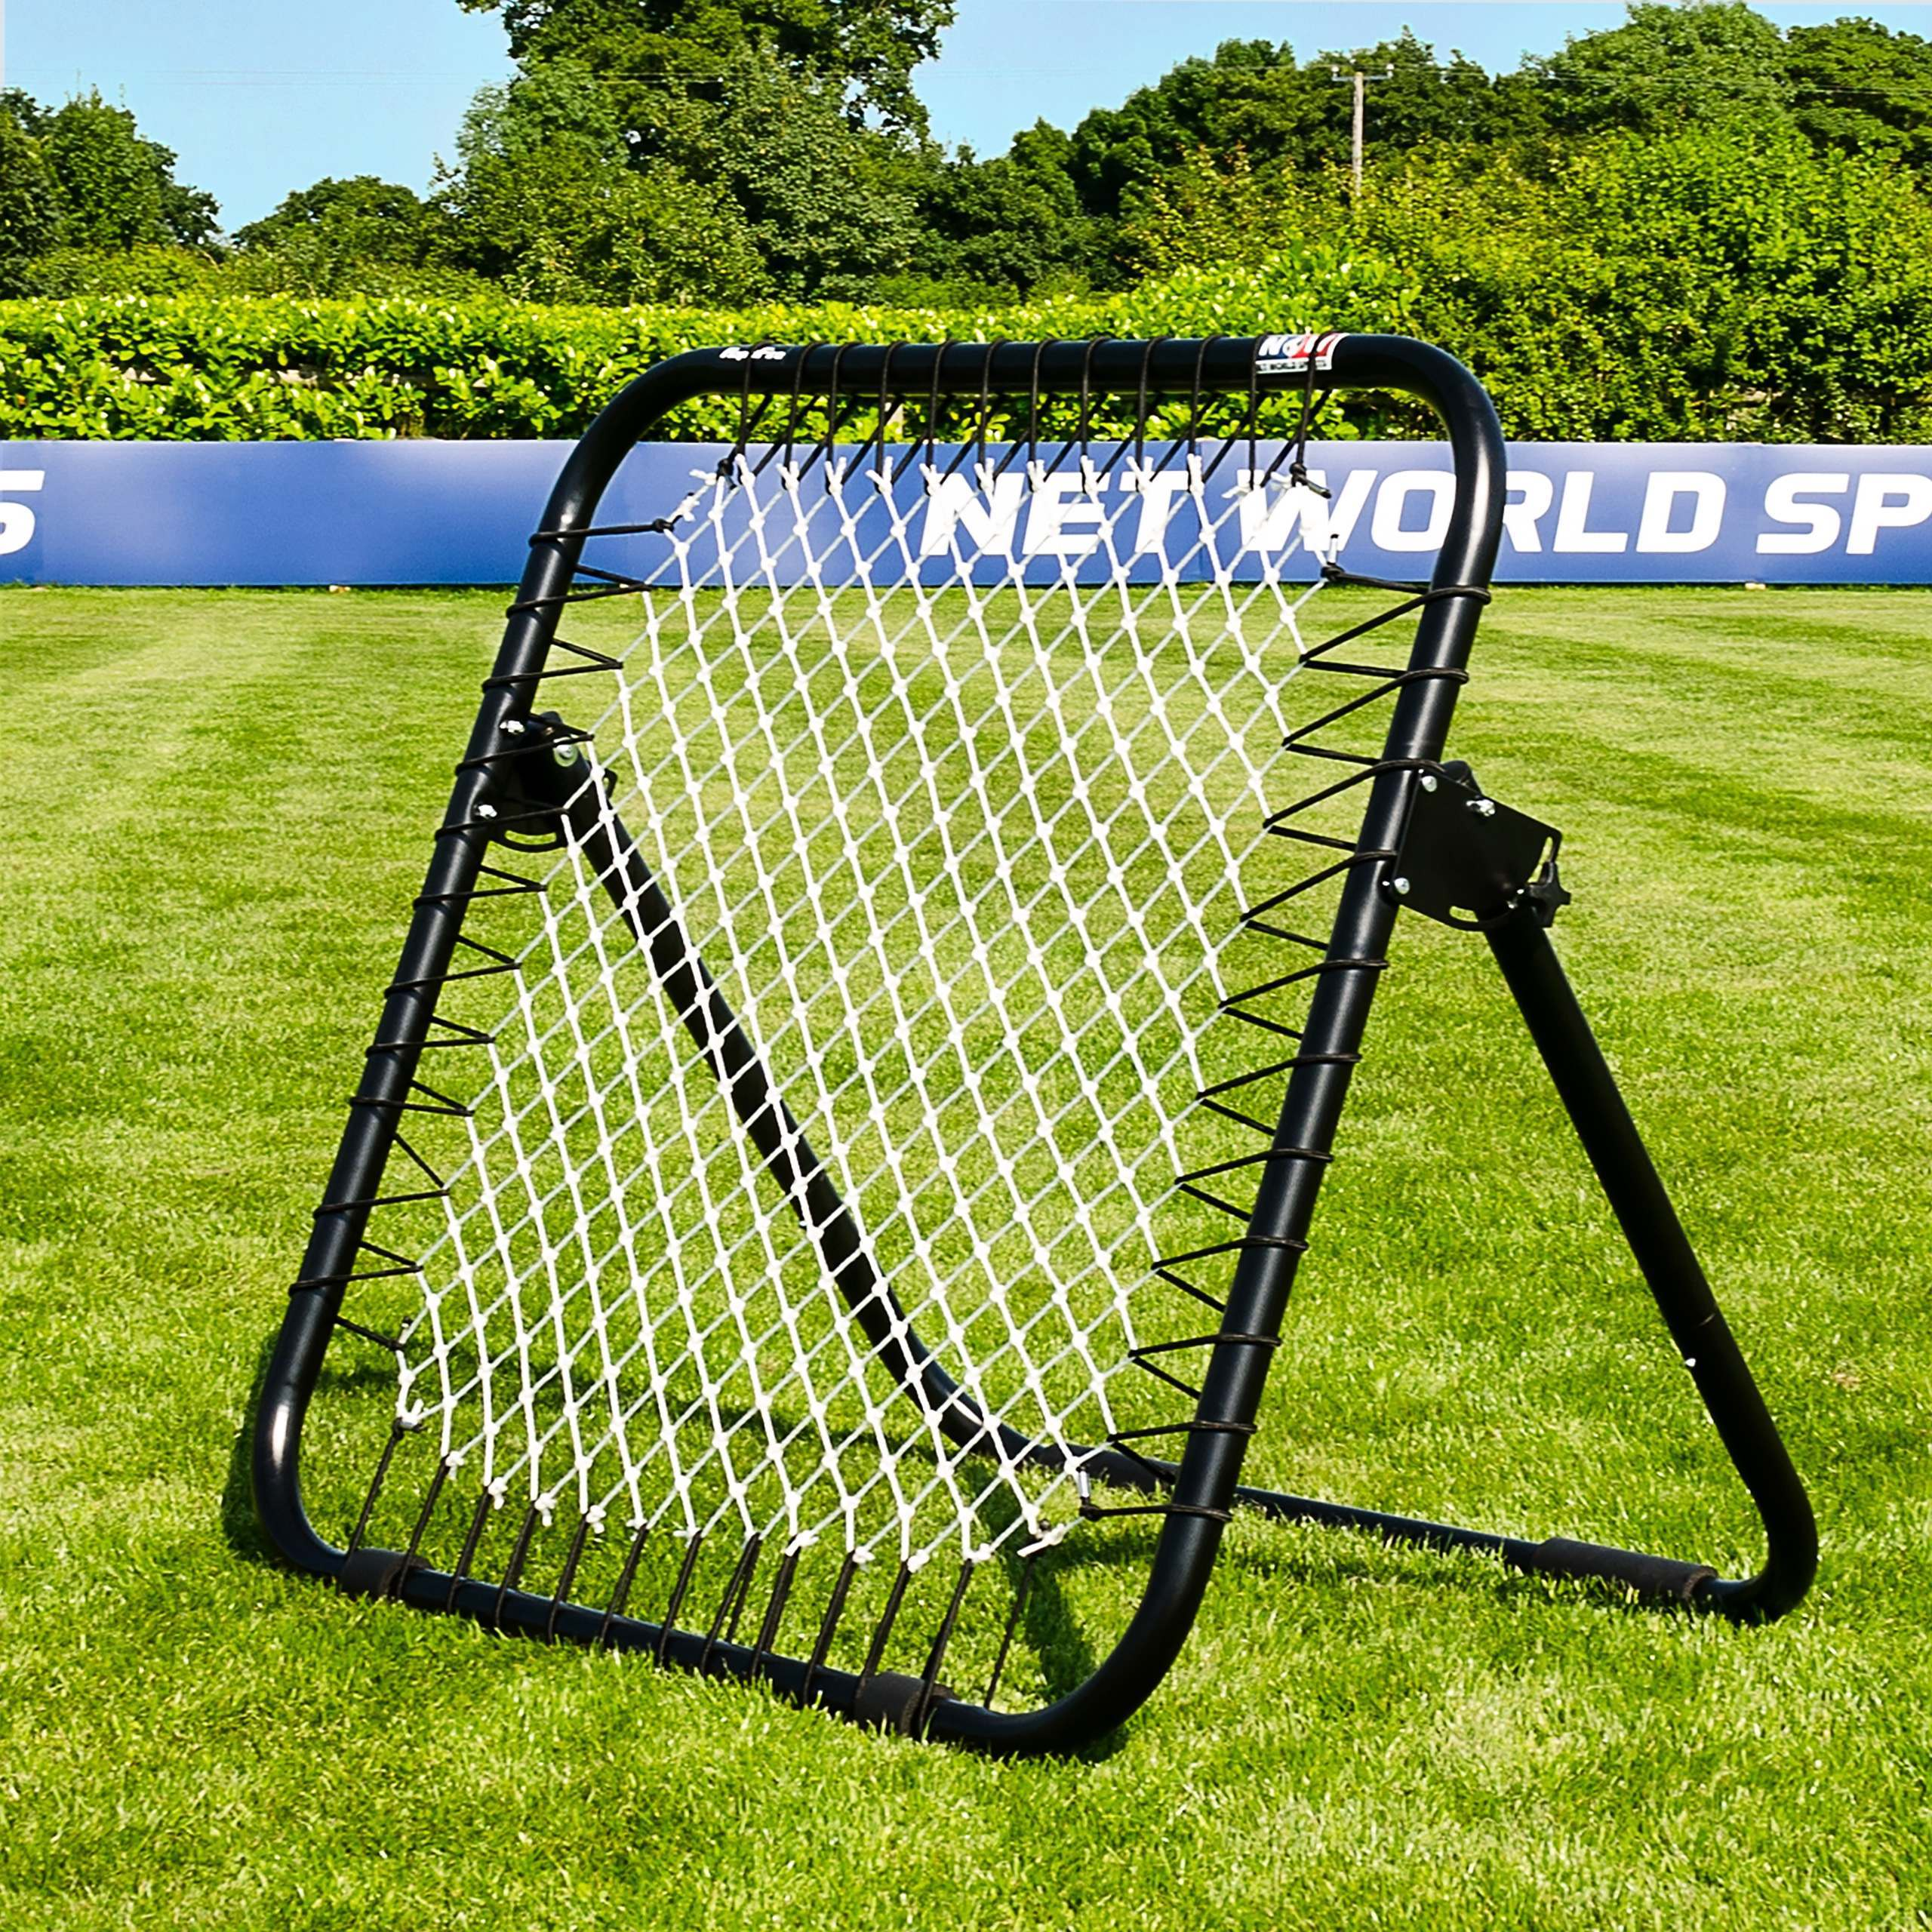 RapidFire Cricket Rebound Net